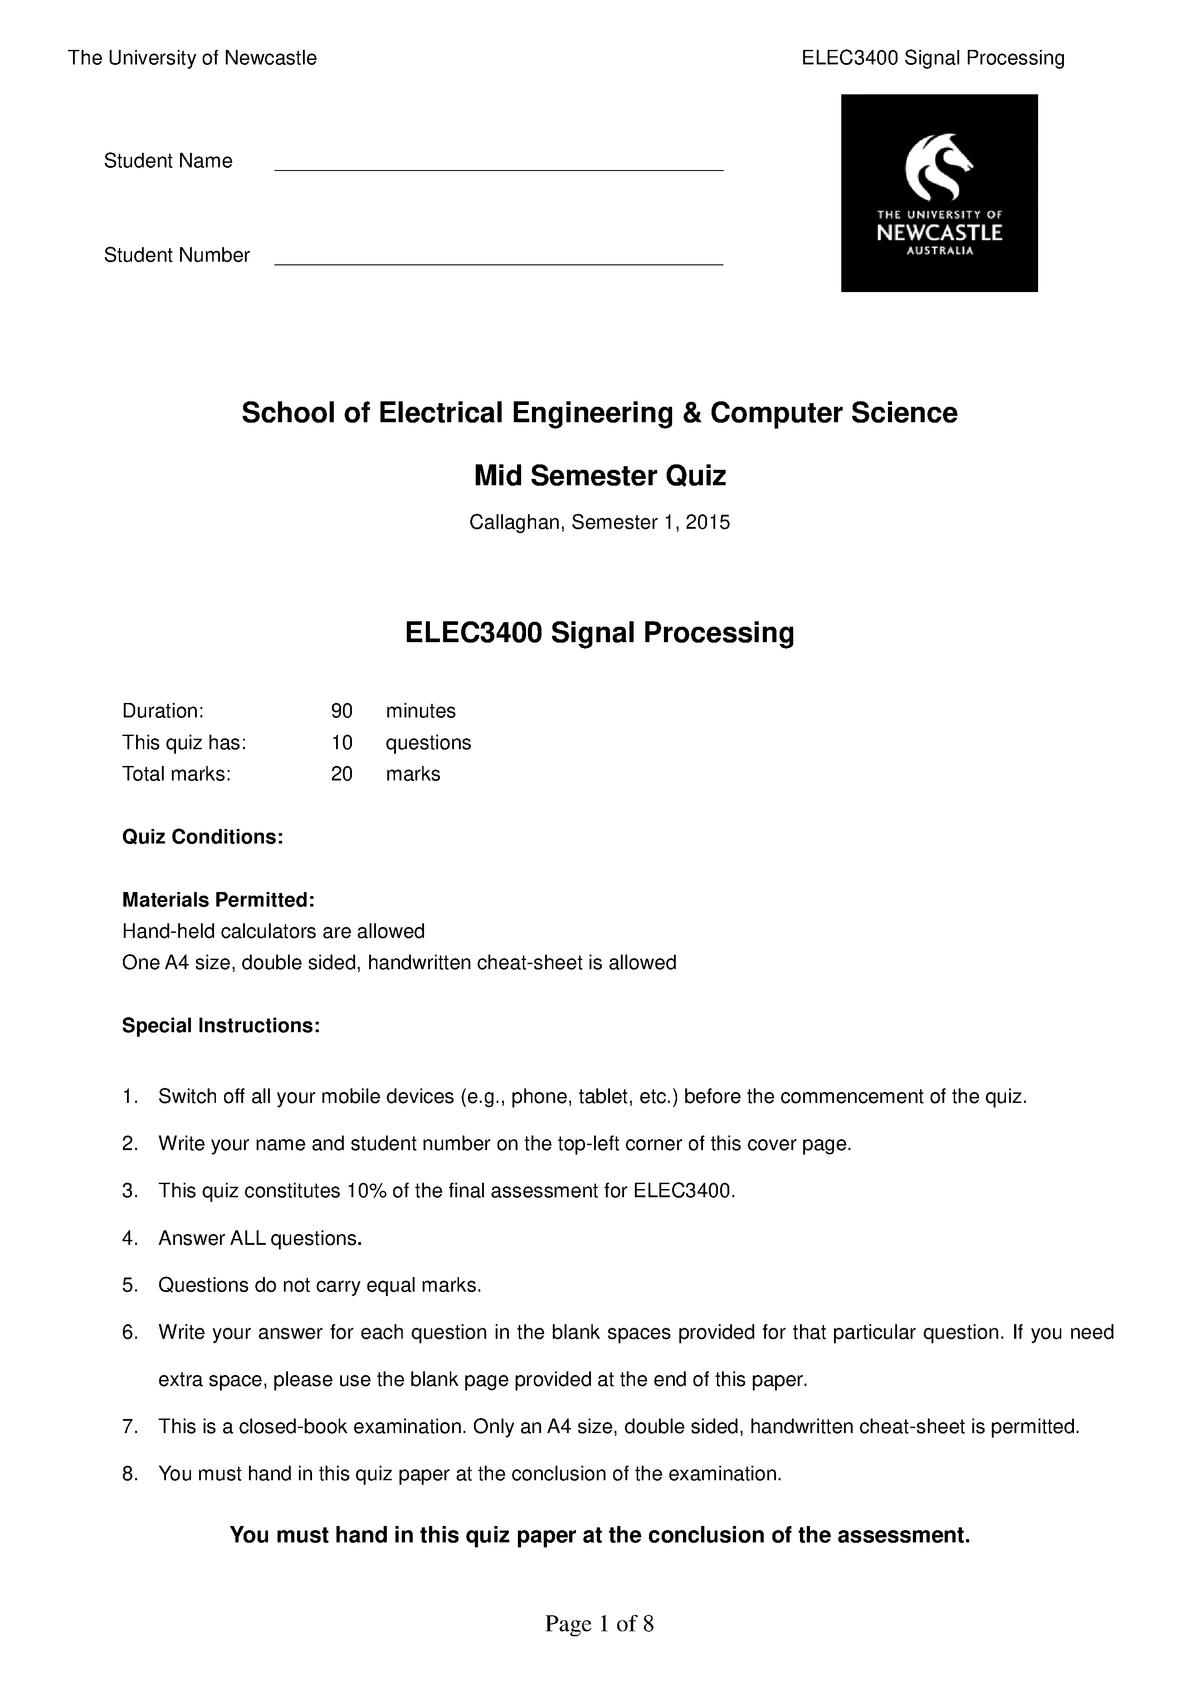 ELEC3400 Quiz Sem1 - ELEC3400: Signal Processing - StuDocu